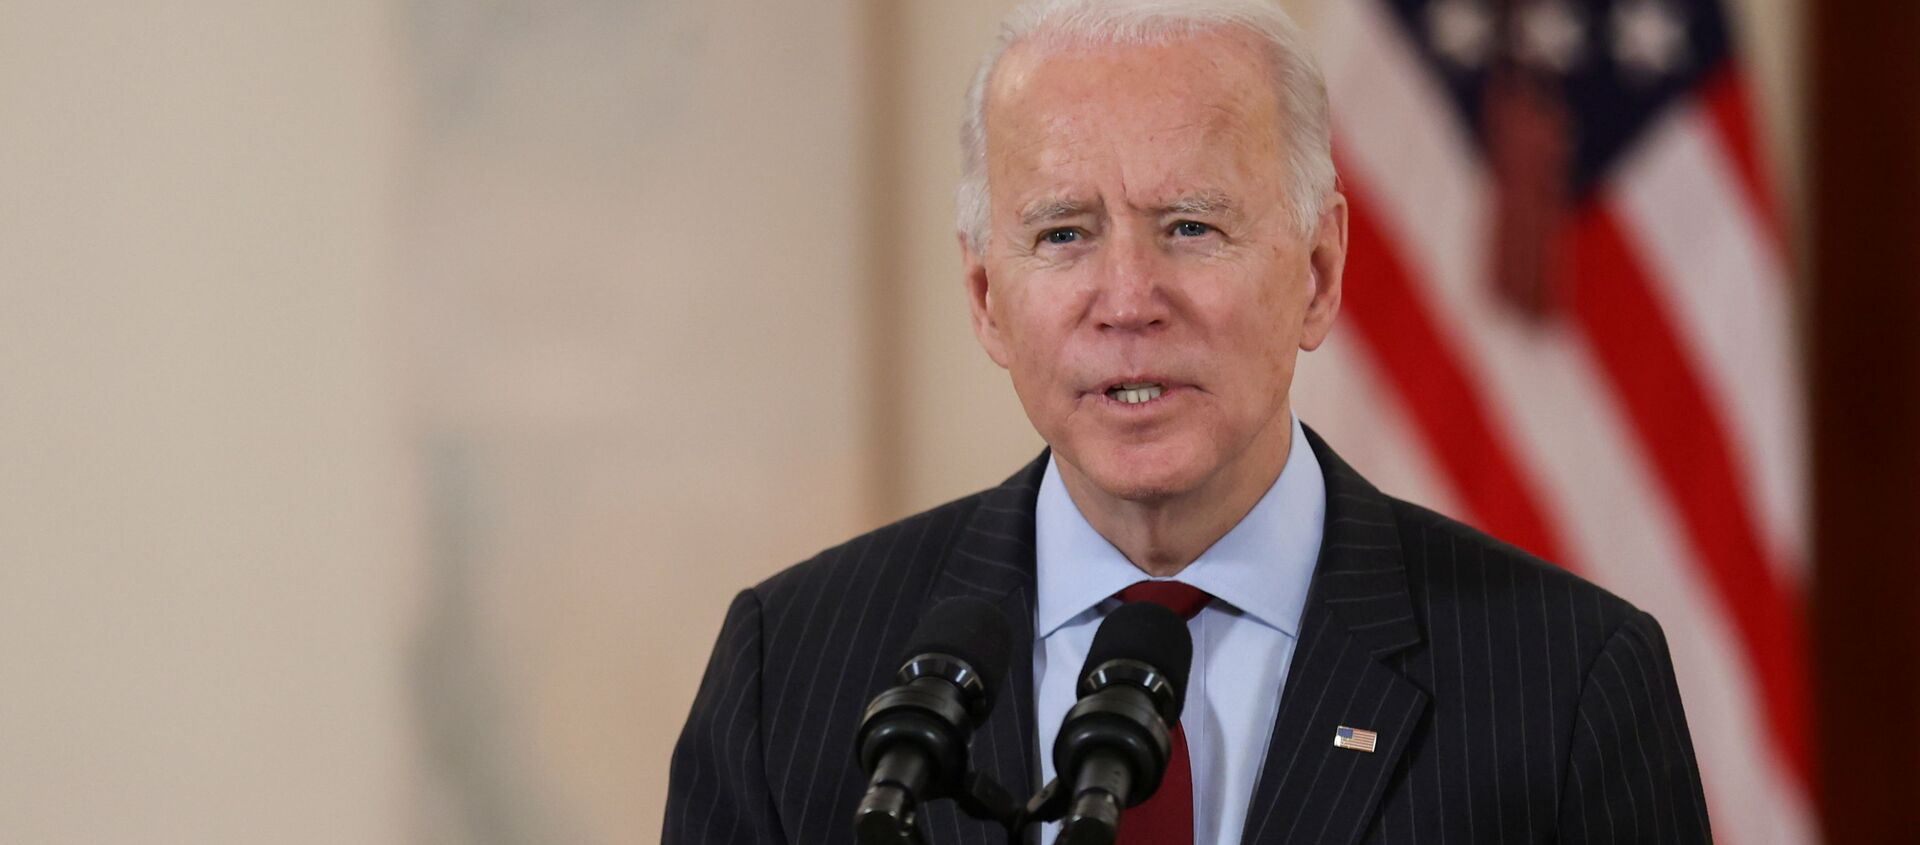 Tổng thống Mỹ Joe Biden. - Sputnik Việt Nam, 1920, 24.02.2021